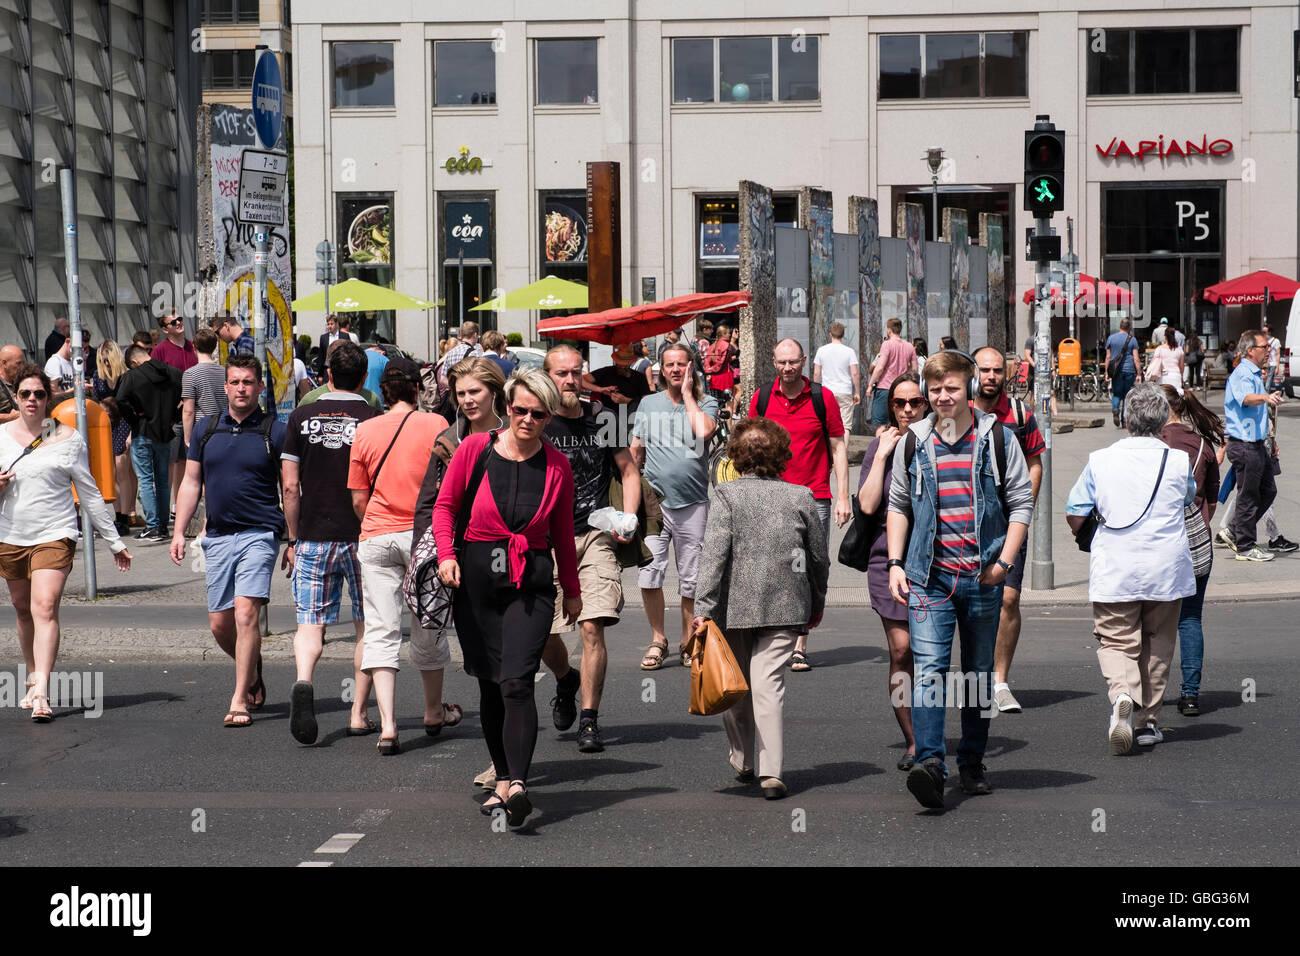 Vista de los peatones cruzando la calle en la Potsdamer Platz en Berlín, Alemania Imagen De Stock